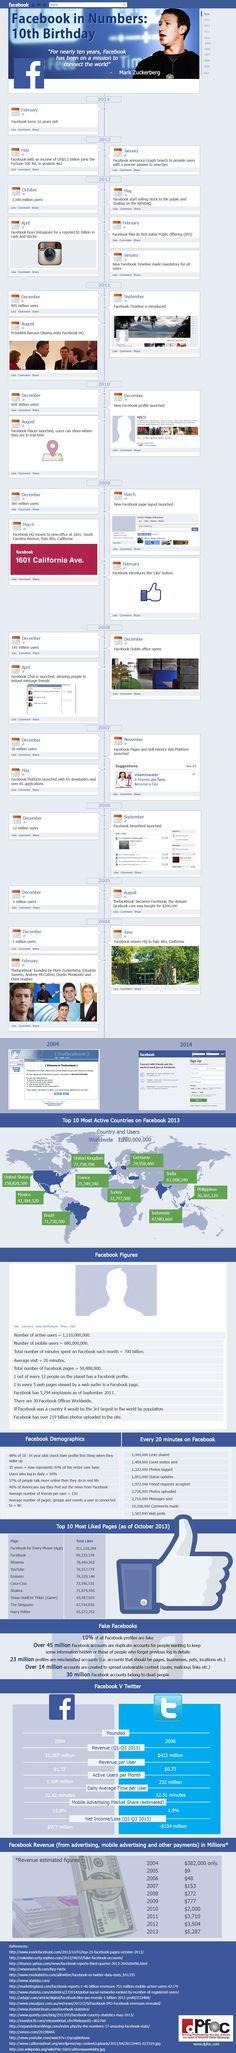 Infografia: 10 anos de Facebook | APPM - Associação Portuguesa dos Profissionais de Marketing